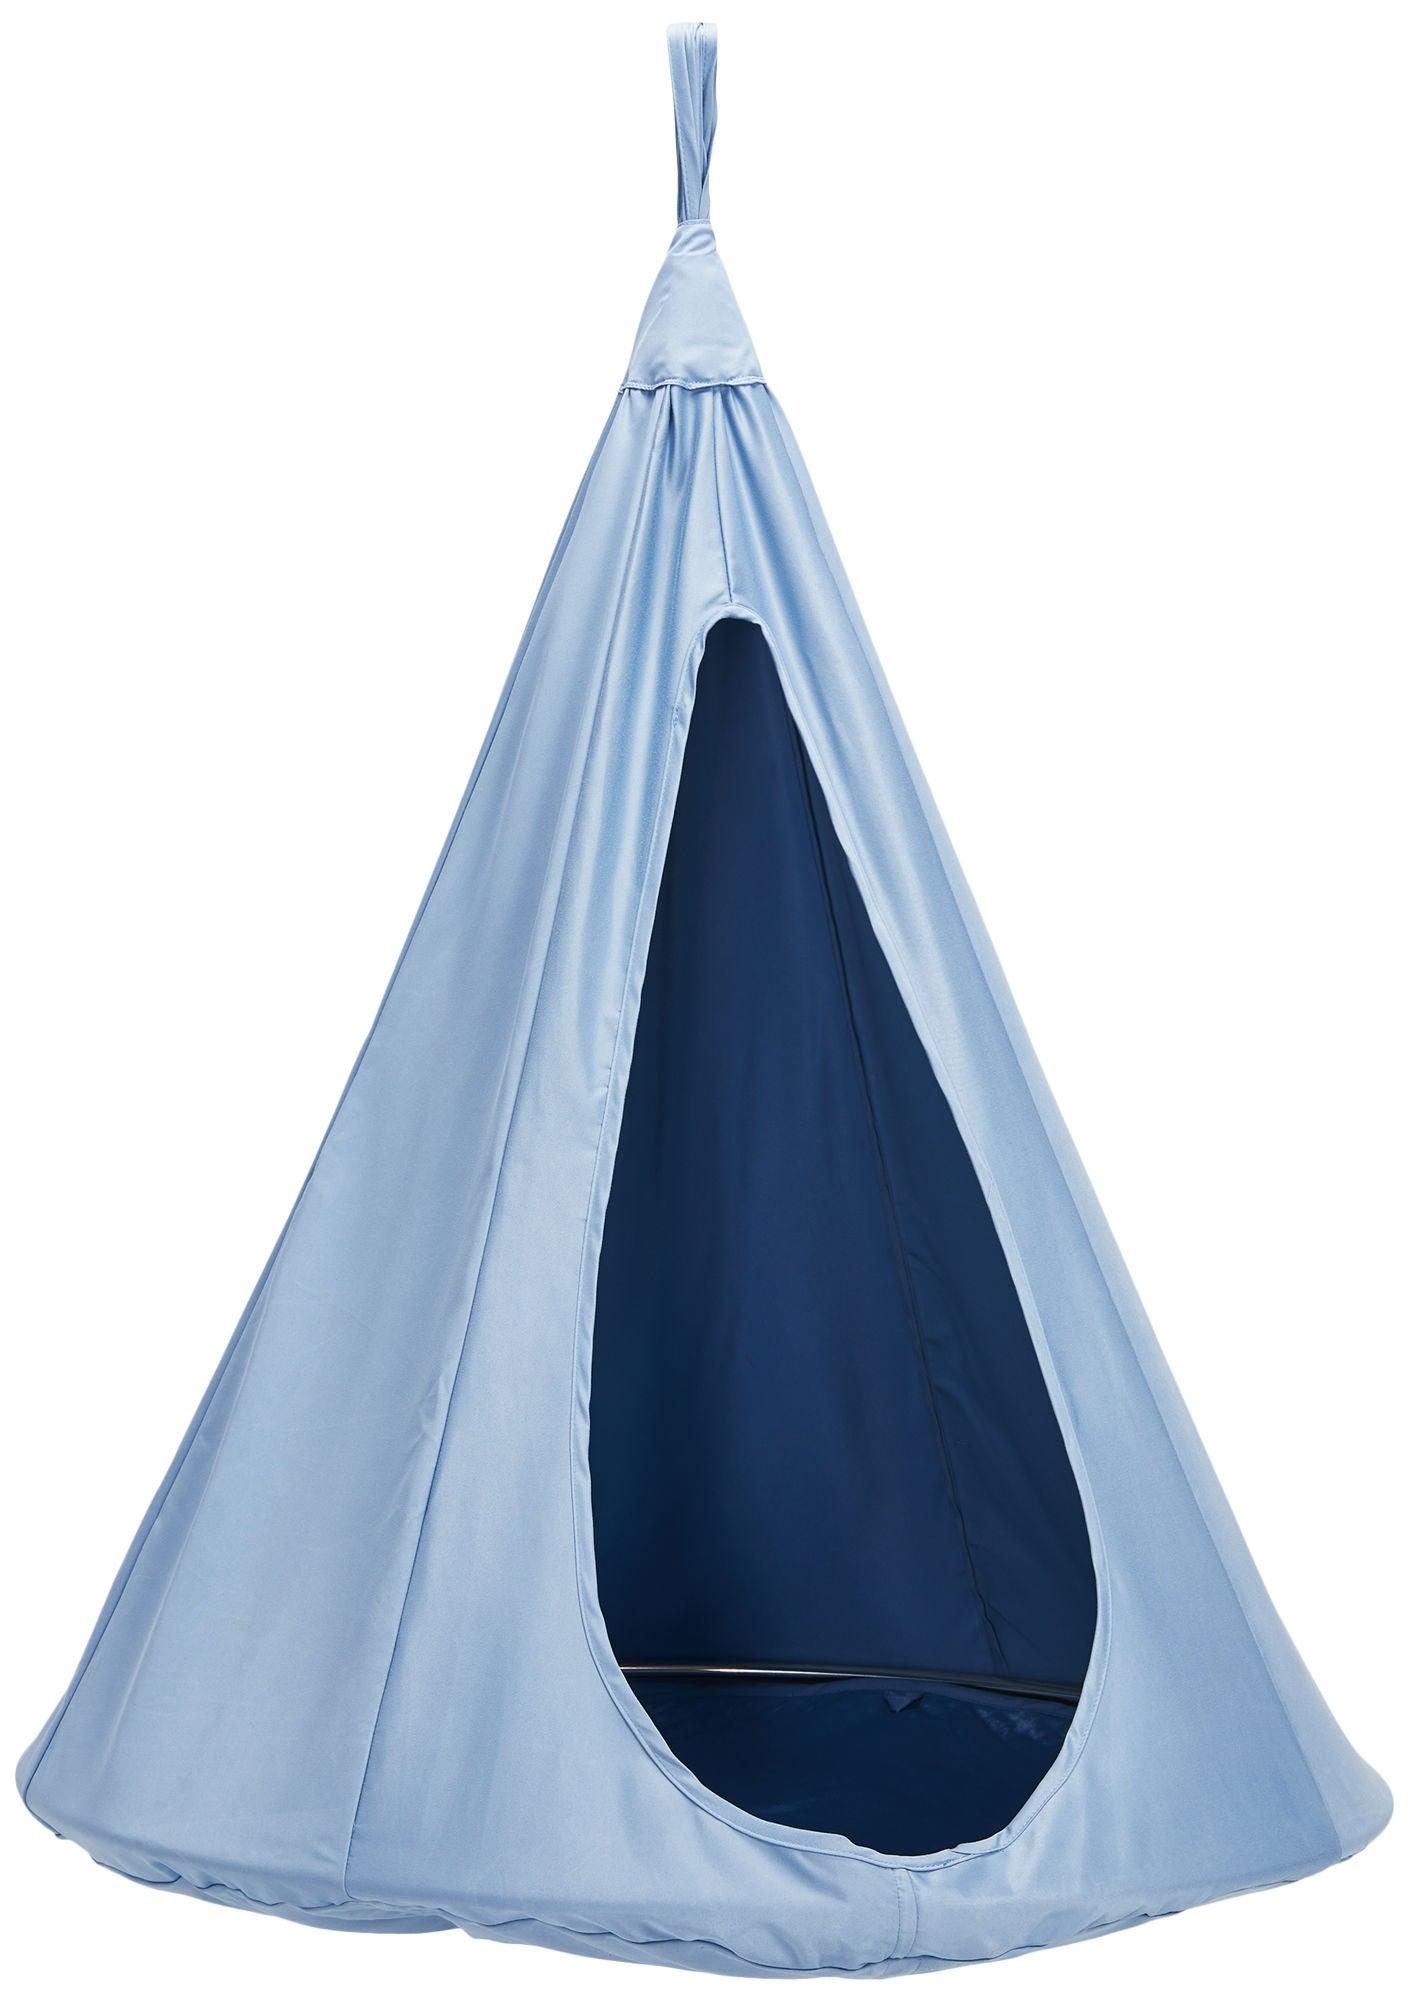 Minitude Cocoon Riippukeinu Teltta, Sininen